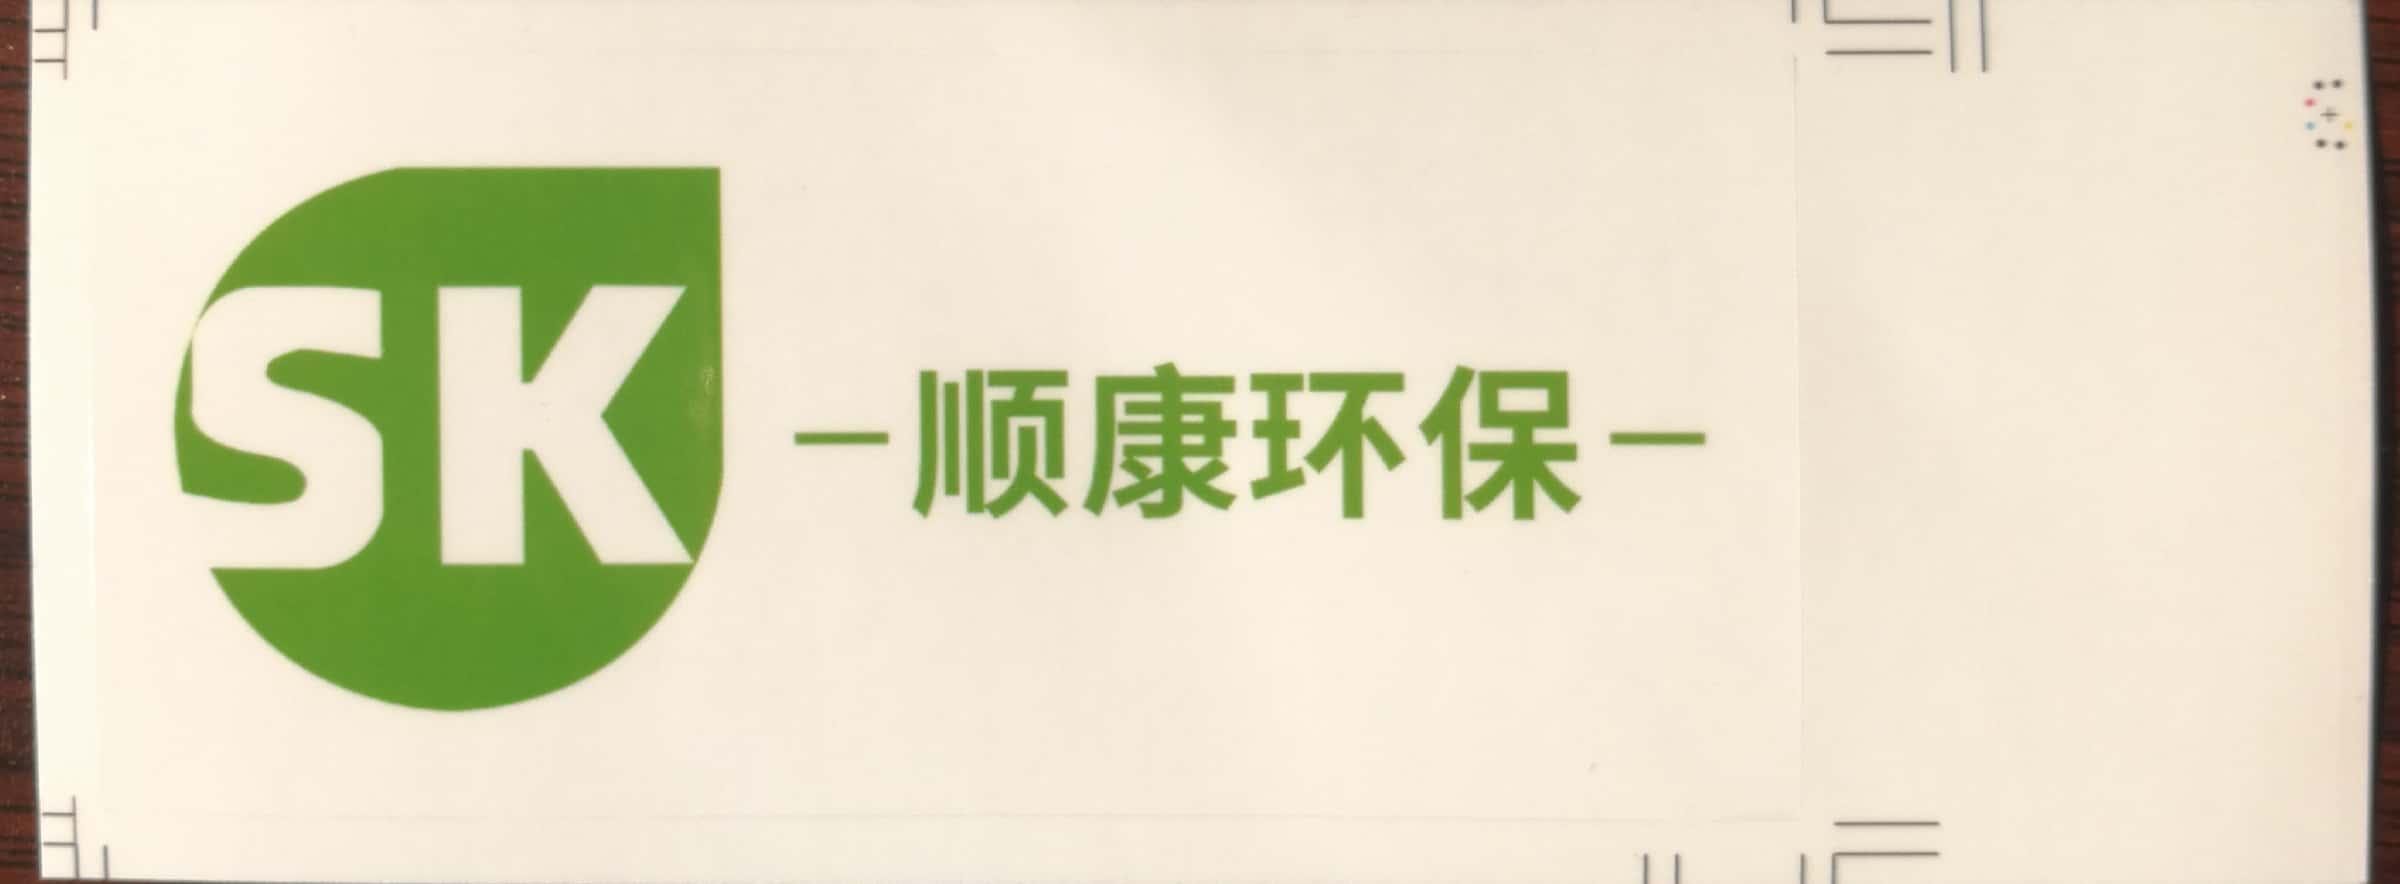 潍坊顺康环保设备有限公司